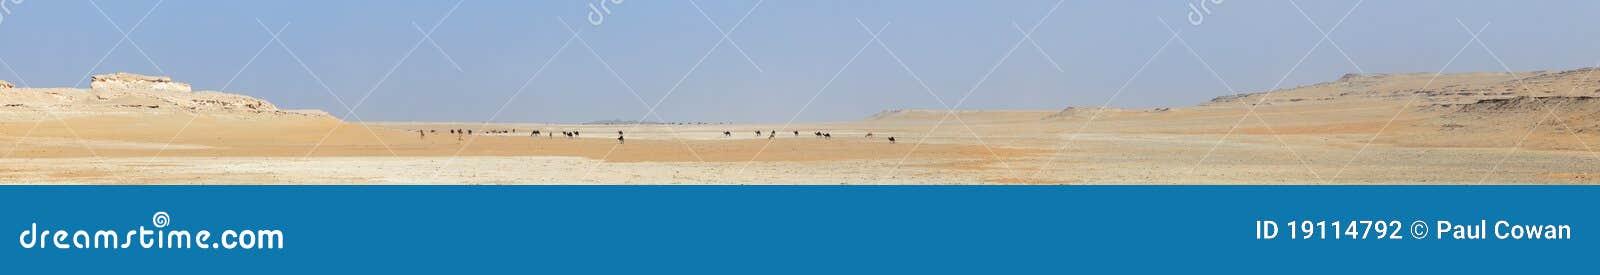 Panorama för kamelökenflock